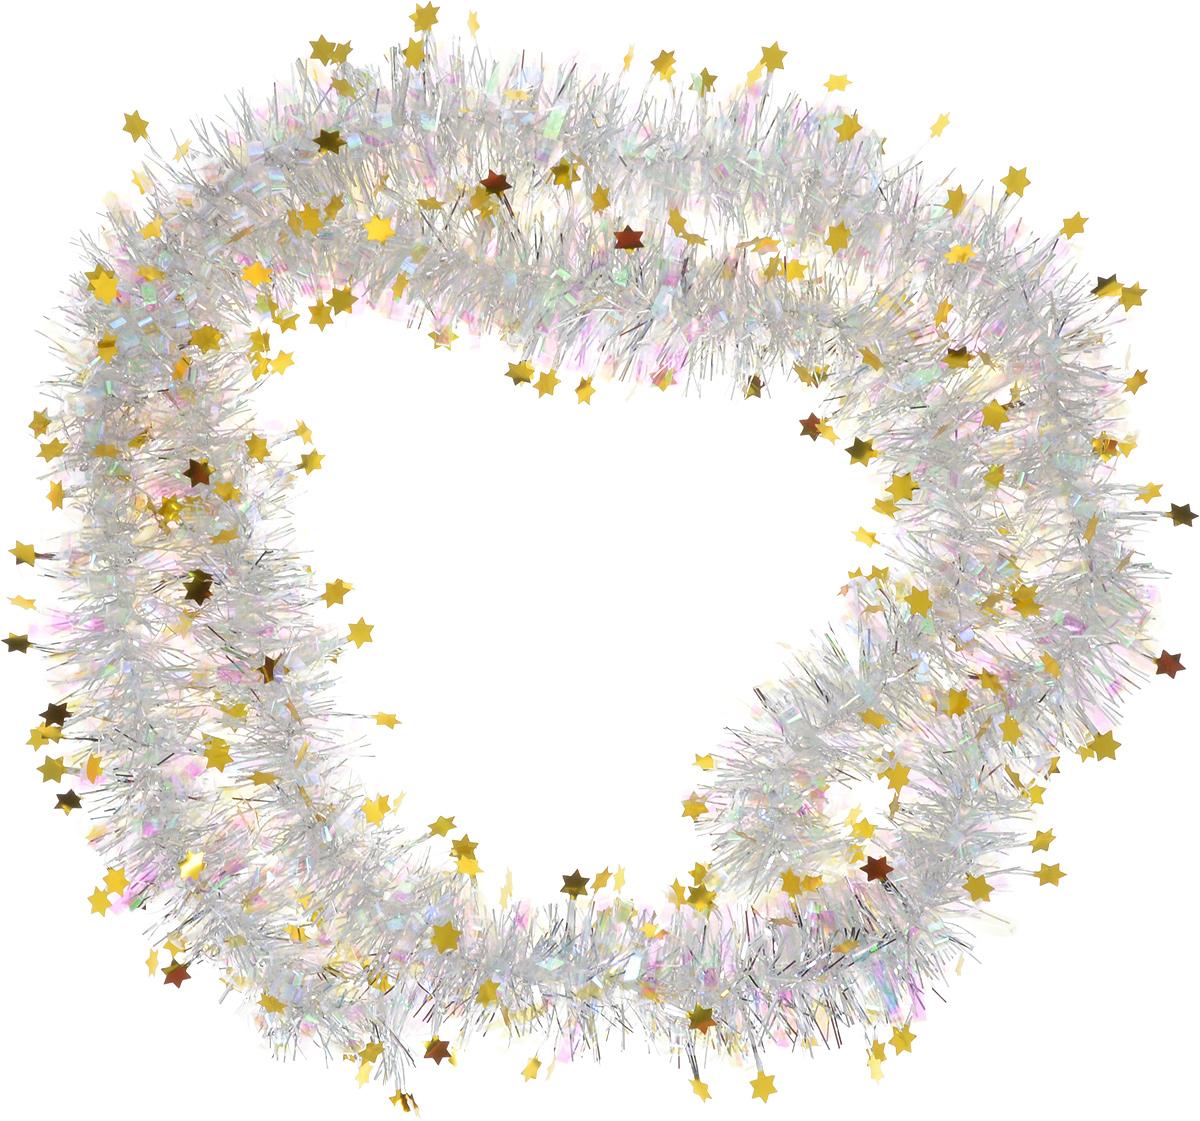 Мишура новогодняя Sima-land, цвет: серебристый, золотой, диаметр 5 см, длина 2 м. 702615702615_серебристый, золотой/2Кажется, что мишура - самое простое новогоднее украшение? Чтобы развеять этот миф, предлагаем познакомиться с ней поближе и заново открыть для себя шуршащий переливающийся декор.Нарядную мишуру с фигурными вставками можно использовать не только для украшения ели, сделайте из неё саму ёлочку! Просто обмотайте искристую нить вокруг картонной основы, скрученной в конус. Мишура поможет создать яркий декор, например, выложите ей число грядущего года. Ещё искрящееся украшение послужит нарядным аксессуаром: браслетом, бусами или головным убором.Мишура - это яркий и оригинальный способ оформления новогоднего подарка. Просто обмотайте блестящей нитью заветный презент. Под Новый год дарите себе и близким только радостные эмоции!